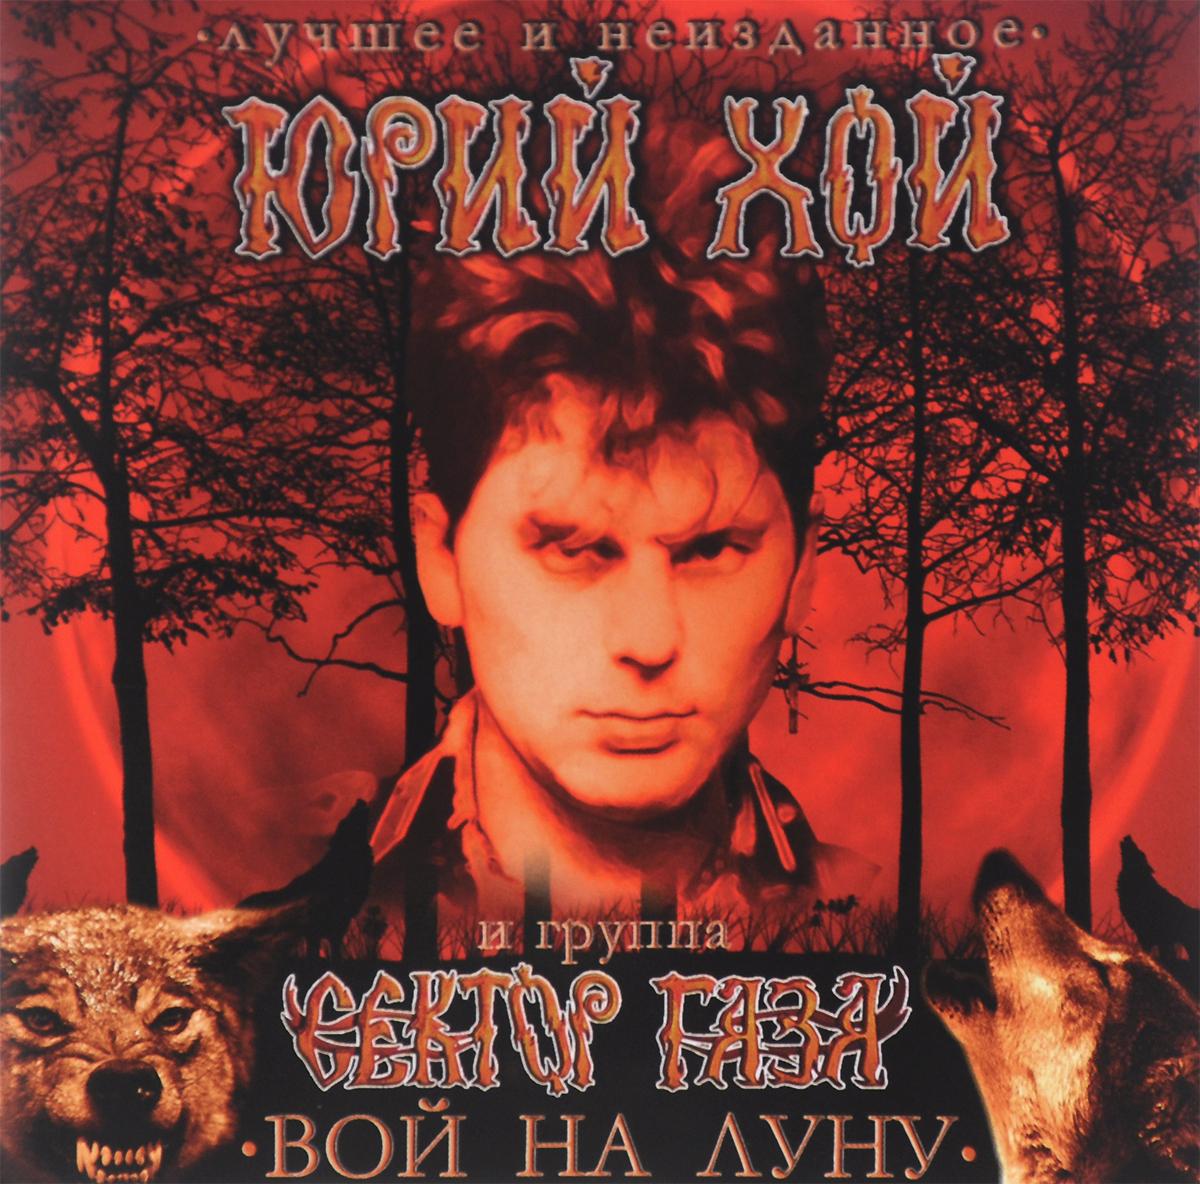 Издание содержит 16-страничный буклет с фотографиями и текстами песен на русском языке.